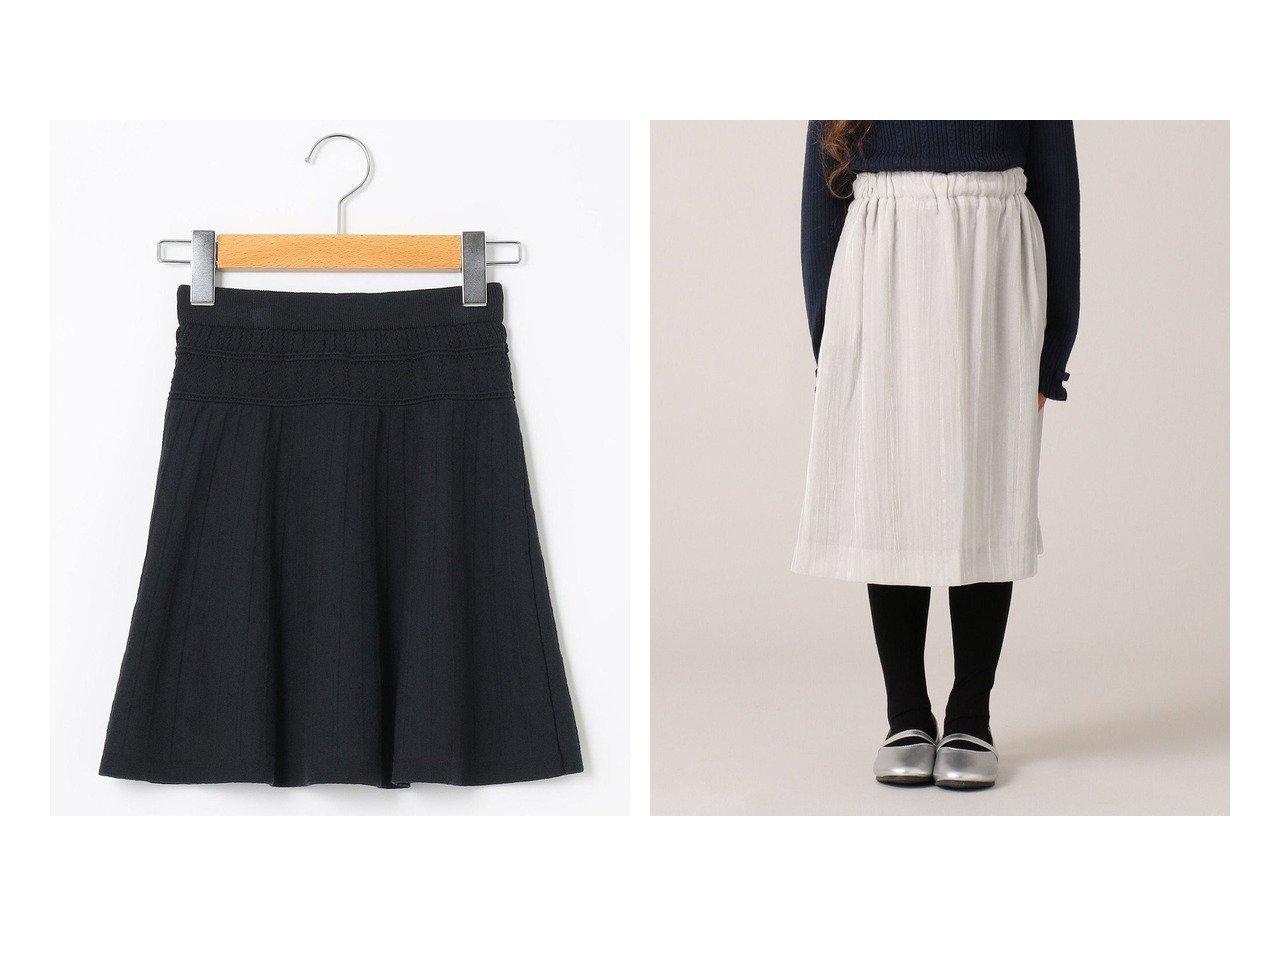 【KUMIKYOKU / KIDS/組曲】の【100-120cm】ベルベットロングスカート&【100-130cm】ミックスパターンニット スカート 【KIDS】子供服のおすすめ!人気トレンド・キッズファッションの通販 おすすめで人気の流行・トレンド、ファッションの通販商品 インテリア・家具・メンズファッション・キッズファッション・レディースファッション・服の通販 founy(ファニー) https://founy.com/ ファッション Fashion キッズファッション KIDS 春 Spring 秋 Autumn/Fall クラシック ドレープ ベーシック ボーダー 2021年 2021 S/S・春夏 SS・Spring/Summer 2021春夏・S/S SS/Spring/Summer/2021 送料無料 Free Shipping  ID:crp329100000044705